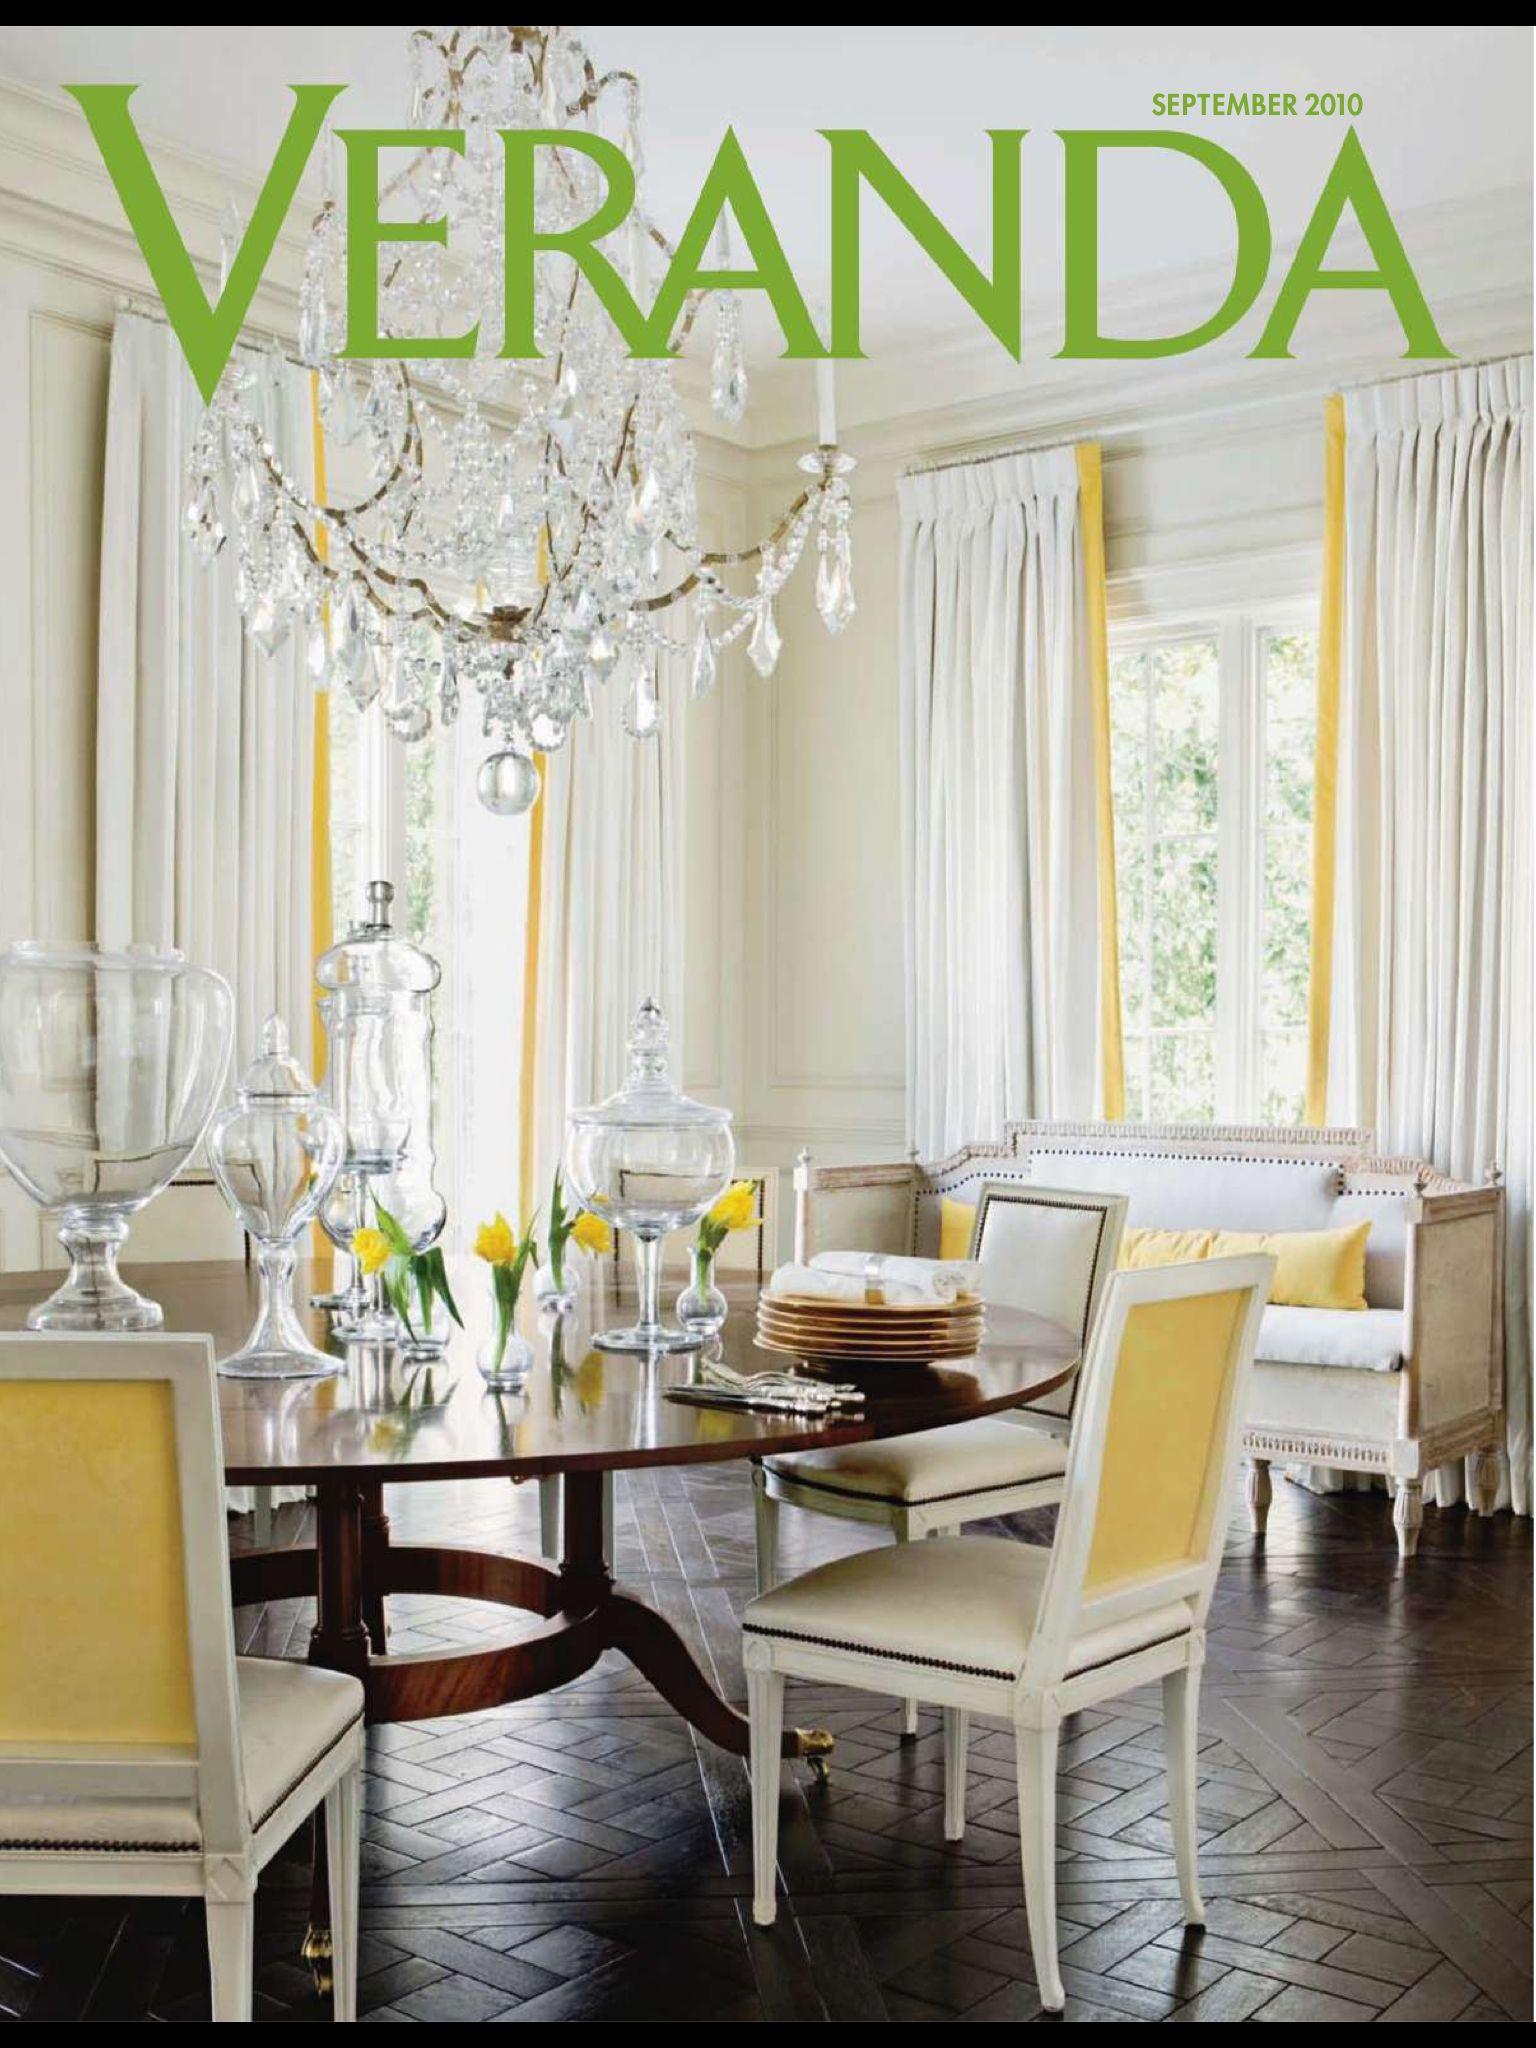 Veranda magazine September 2010. Love Designer Melanie Turner and ...